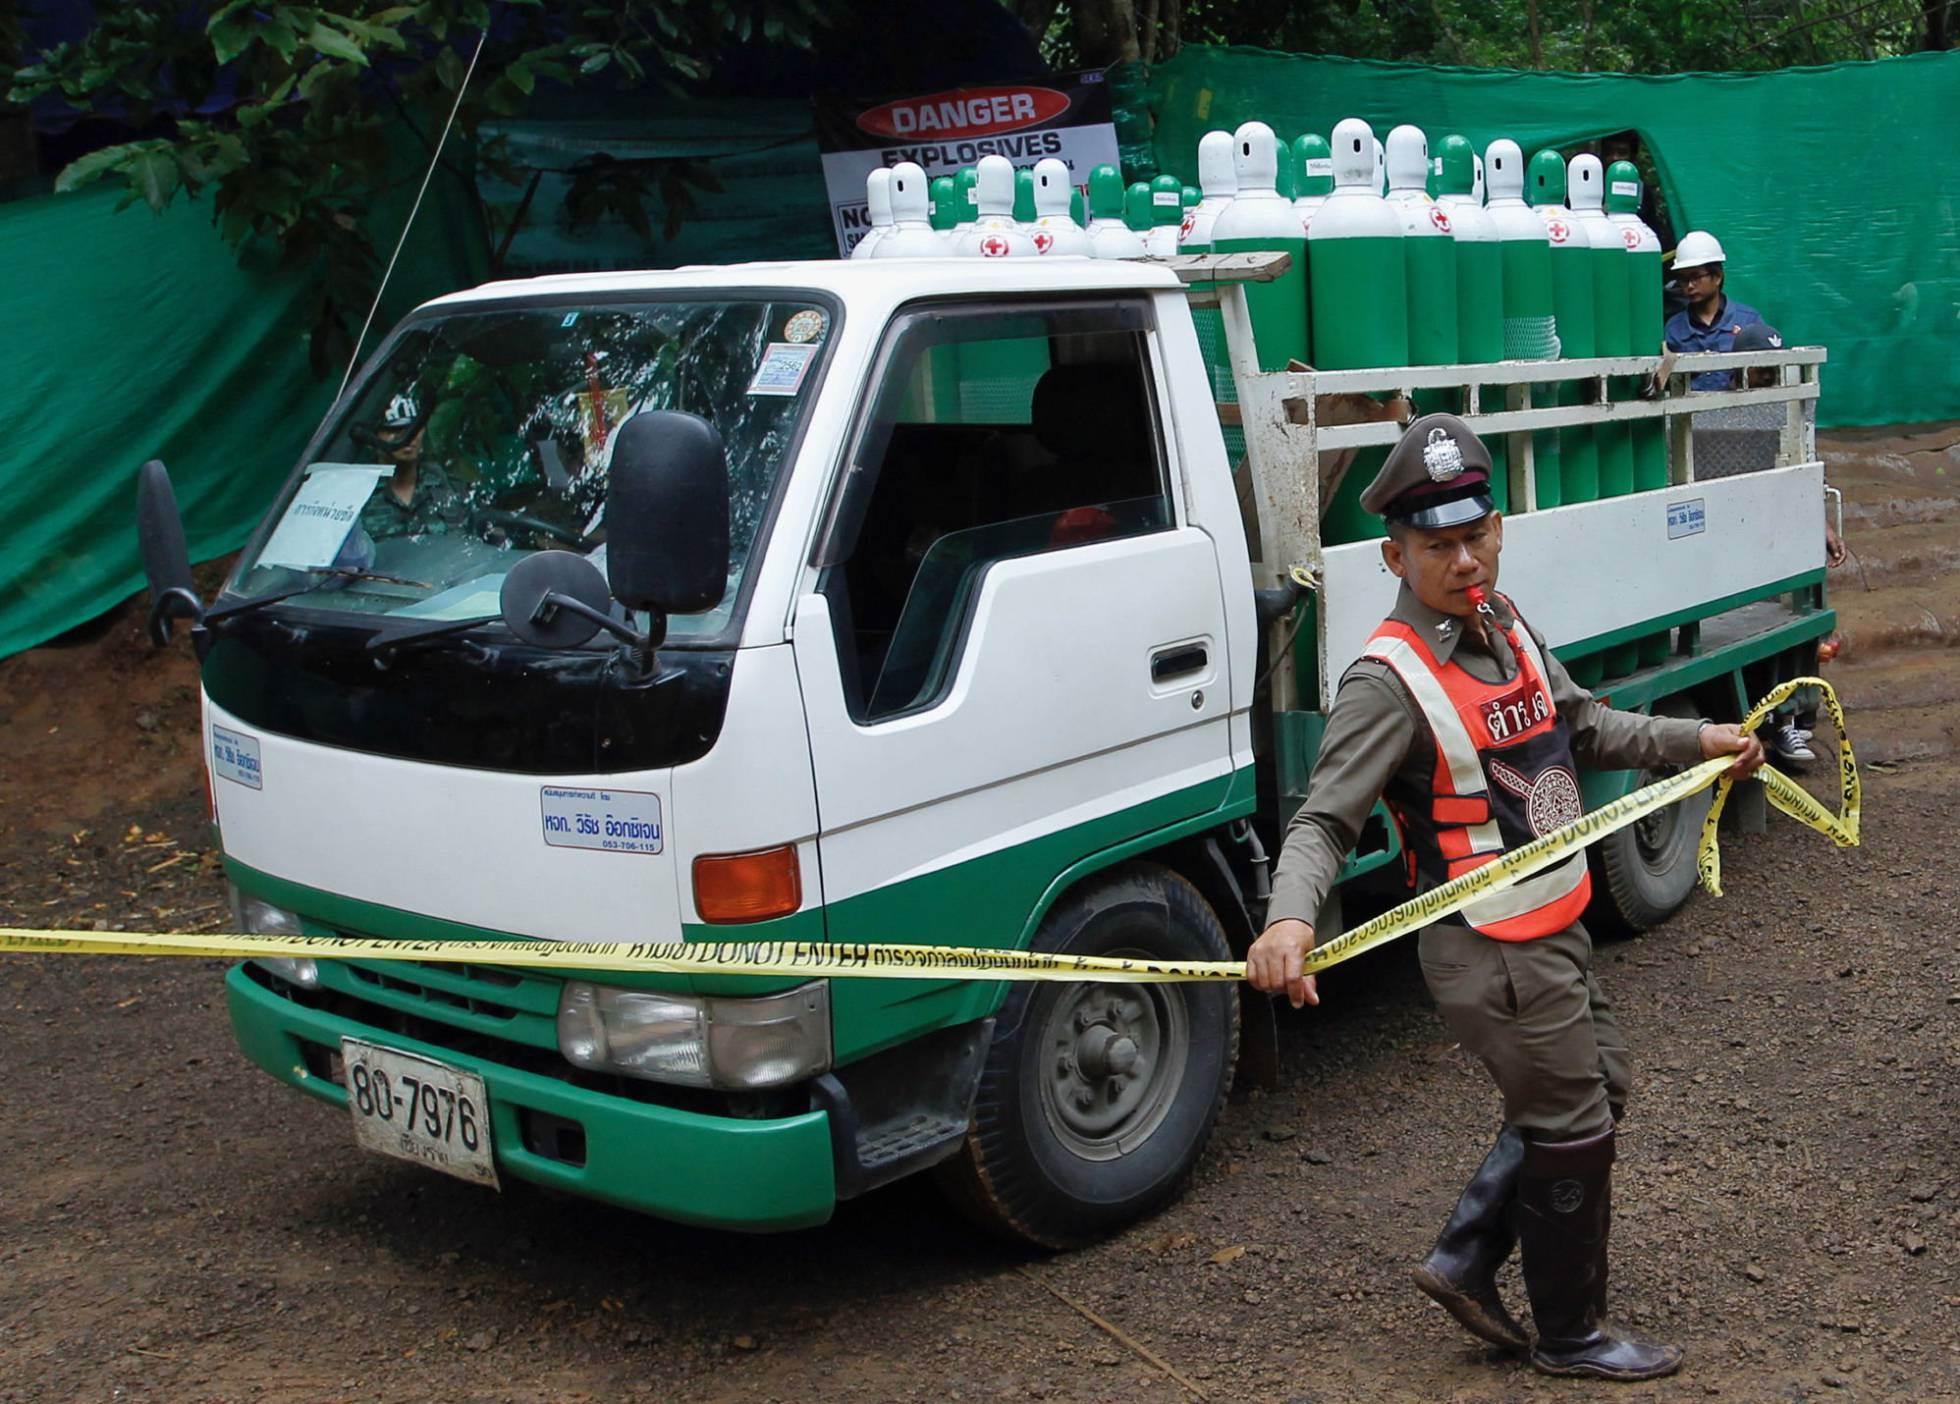 Un camión llega con bombonas de oxígeno a la zona acordonada desde donde ha comenzado el rescate de los menores atrapados con su monitor, en la provincia tailandesa de Chiang Rai, el 8 de julio de 2018.